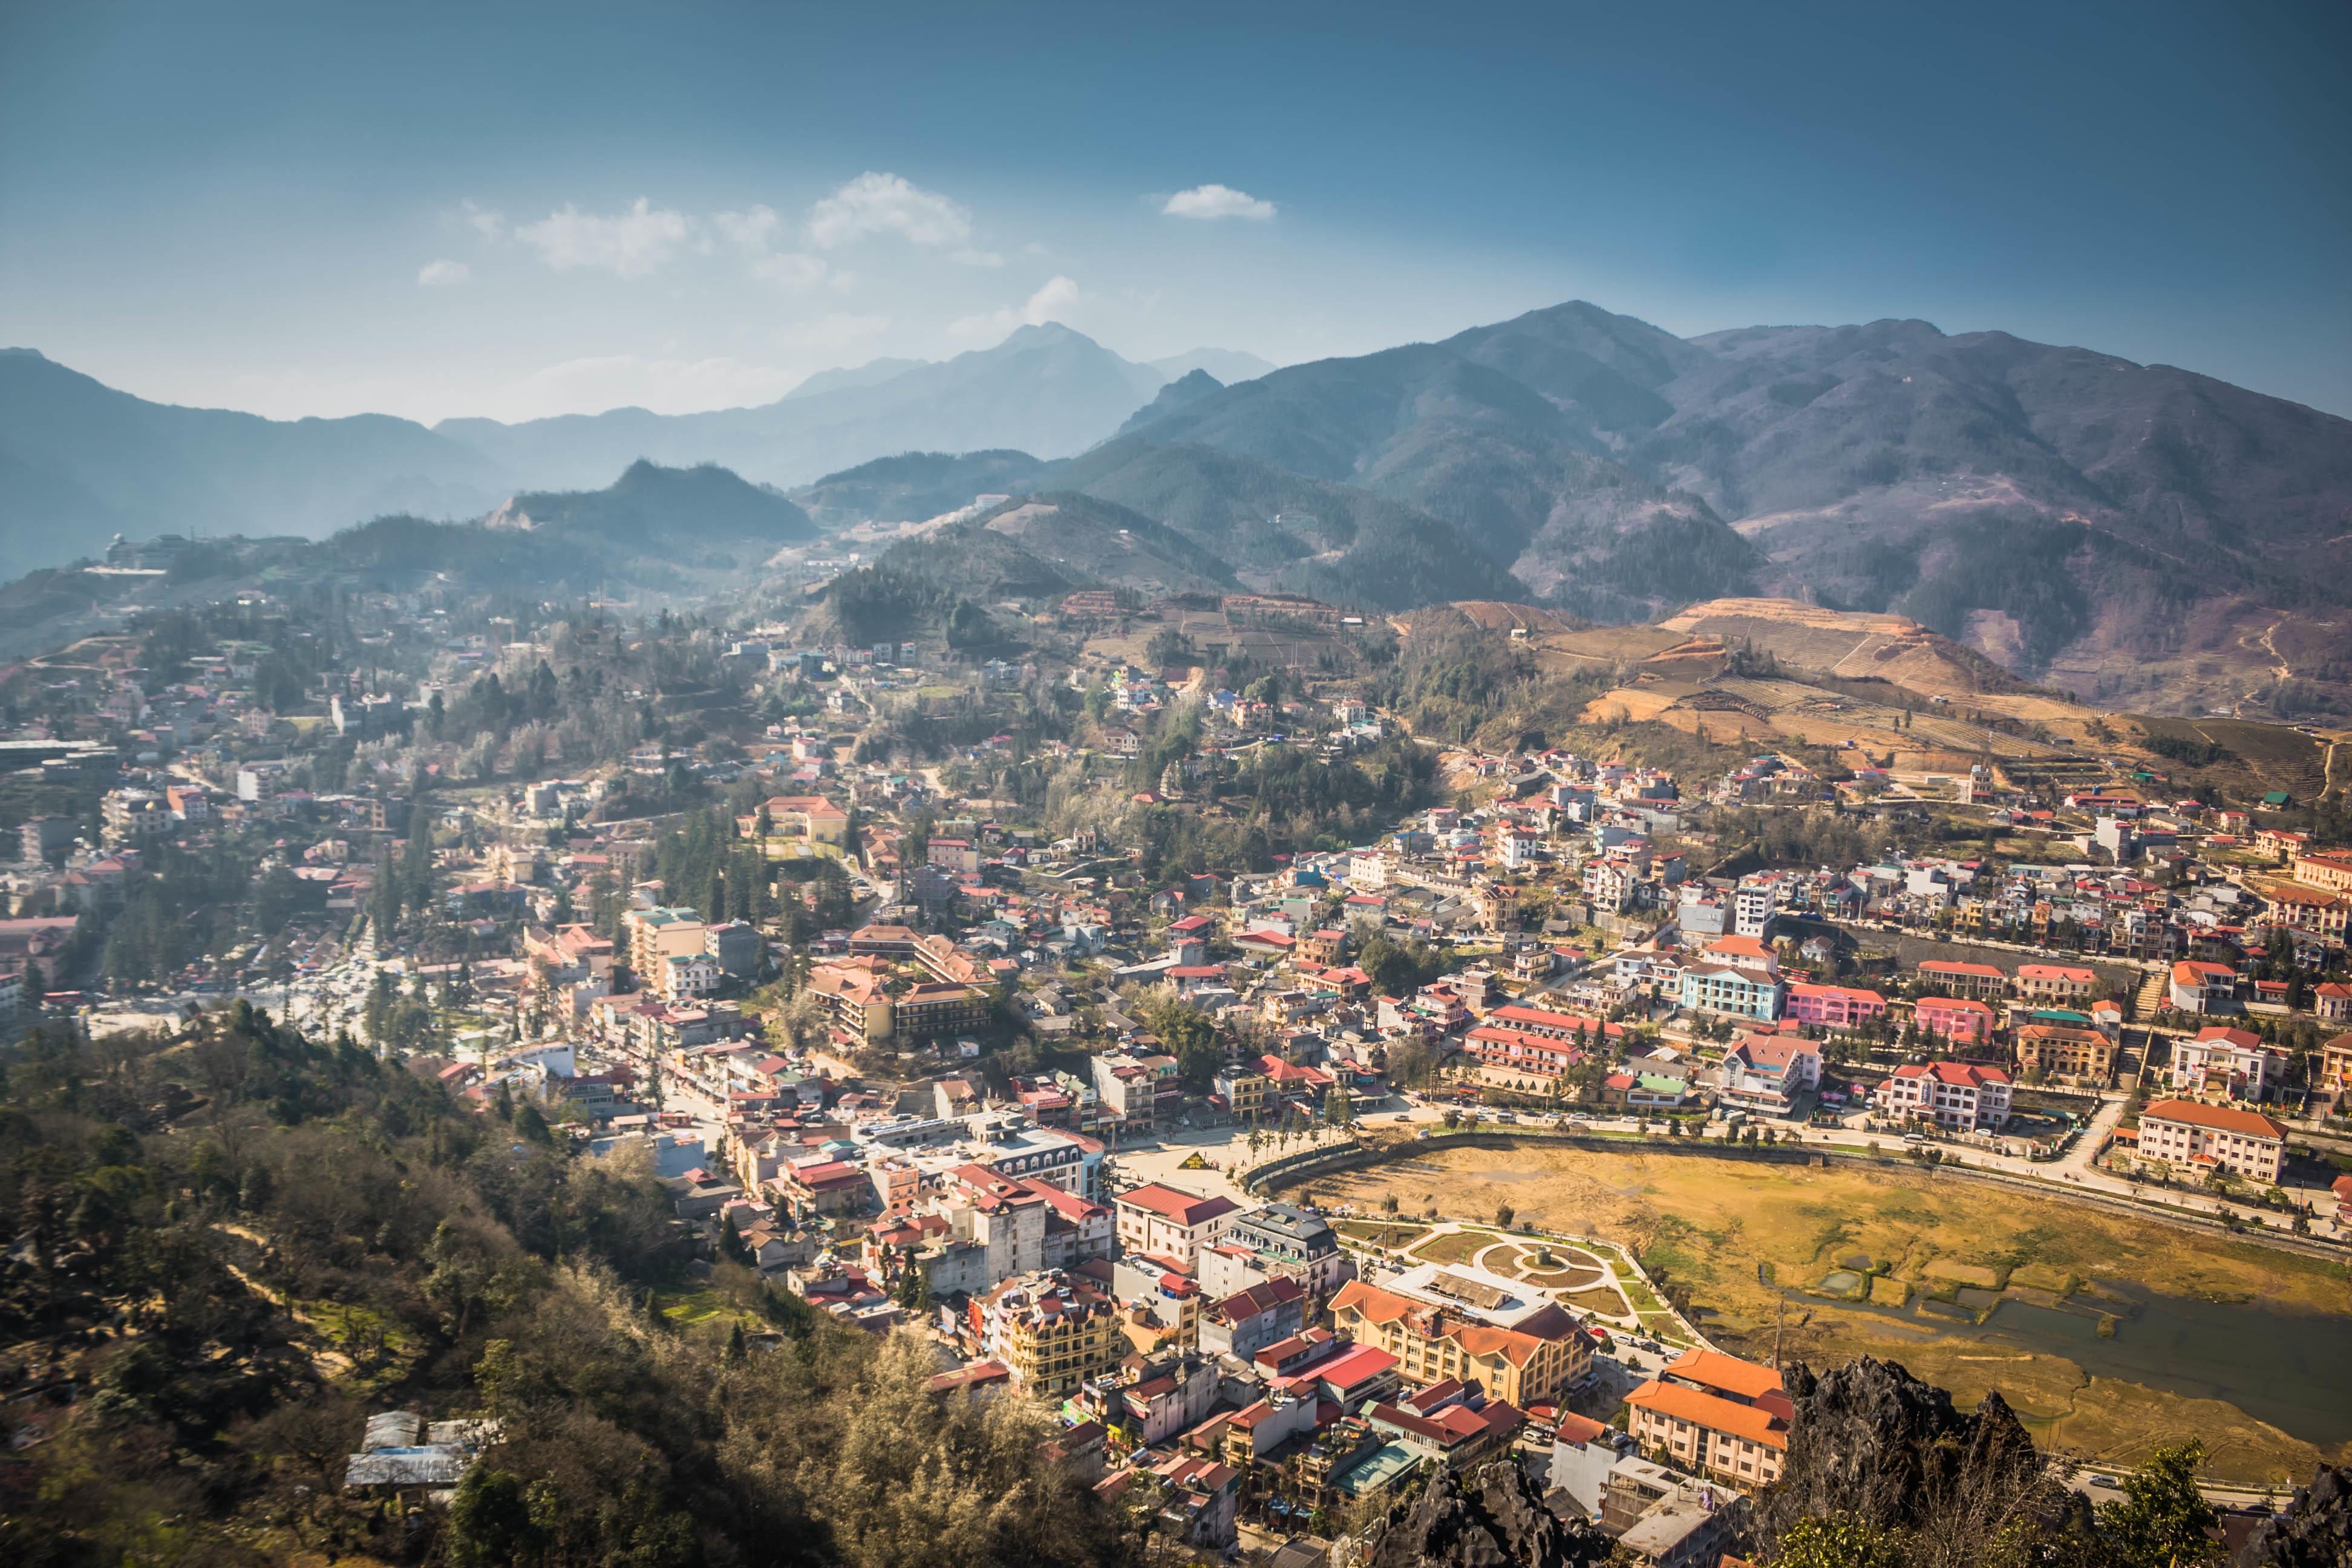 Images gratuites paysage montagne la photographie for Paysage de ville